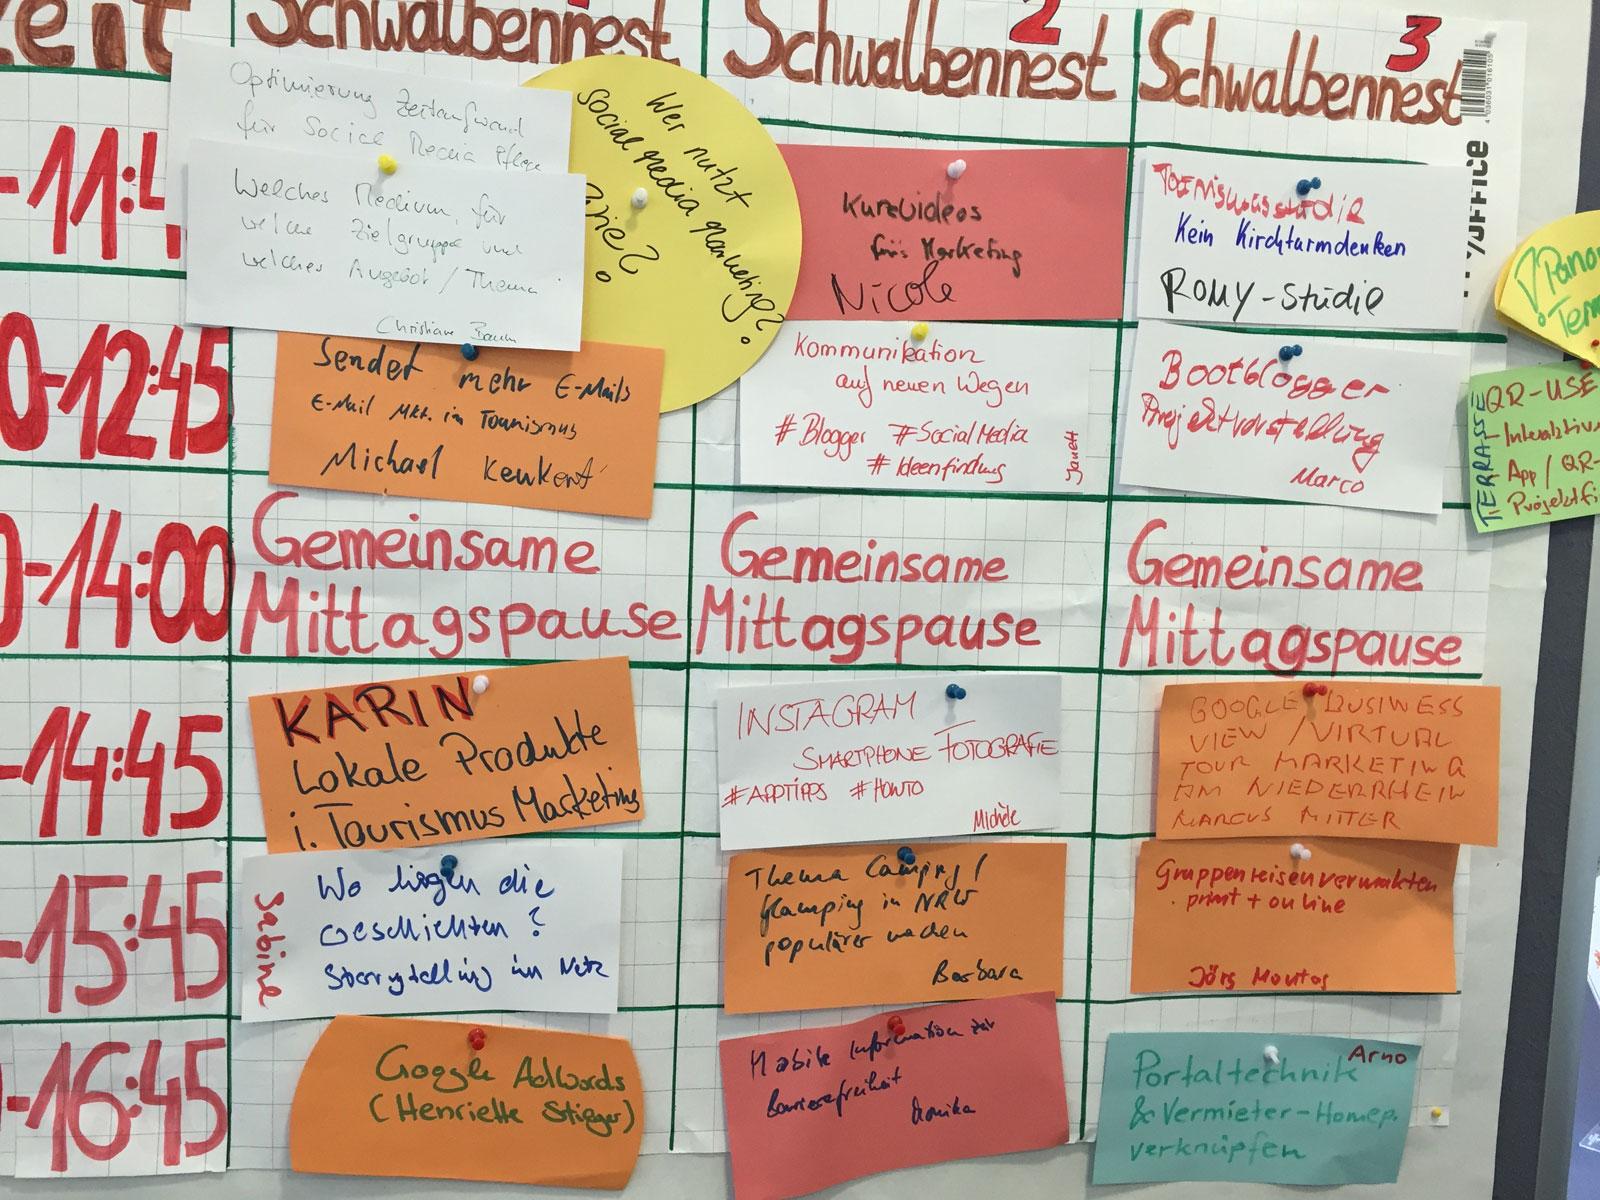 Barcamp Tourismuscamp Niederrhein